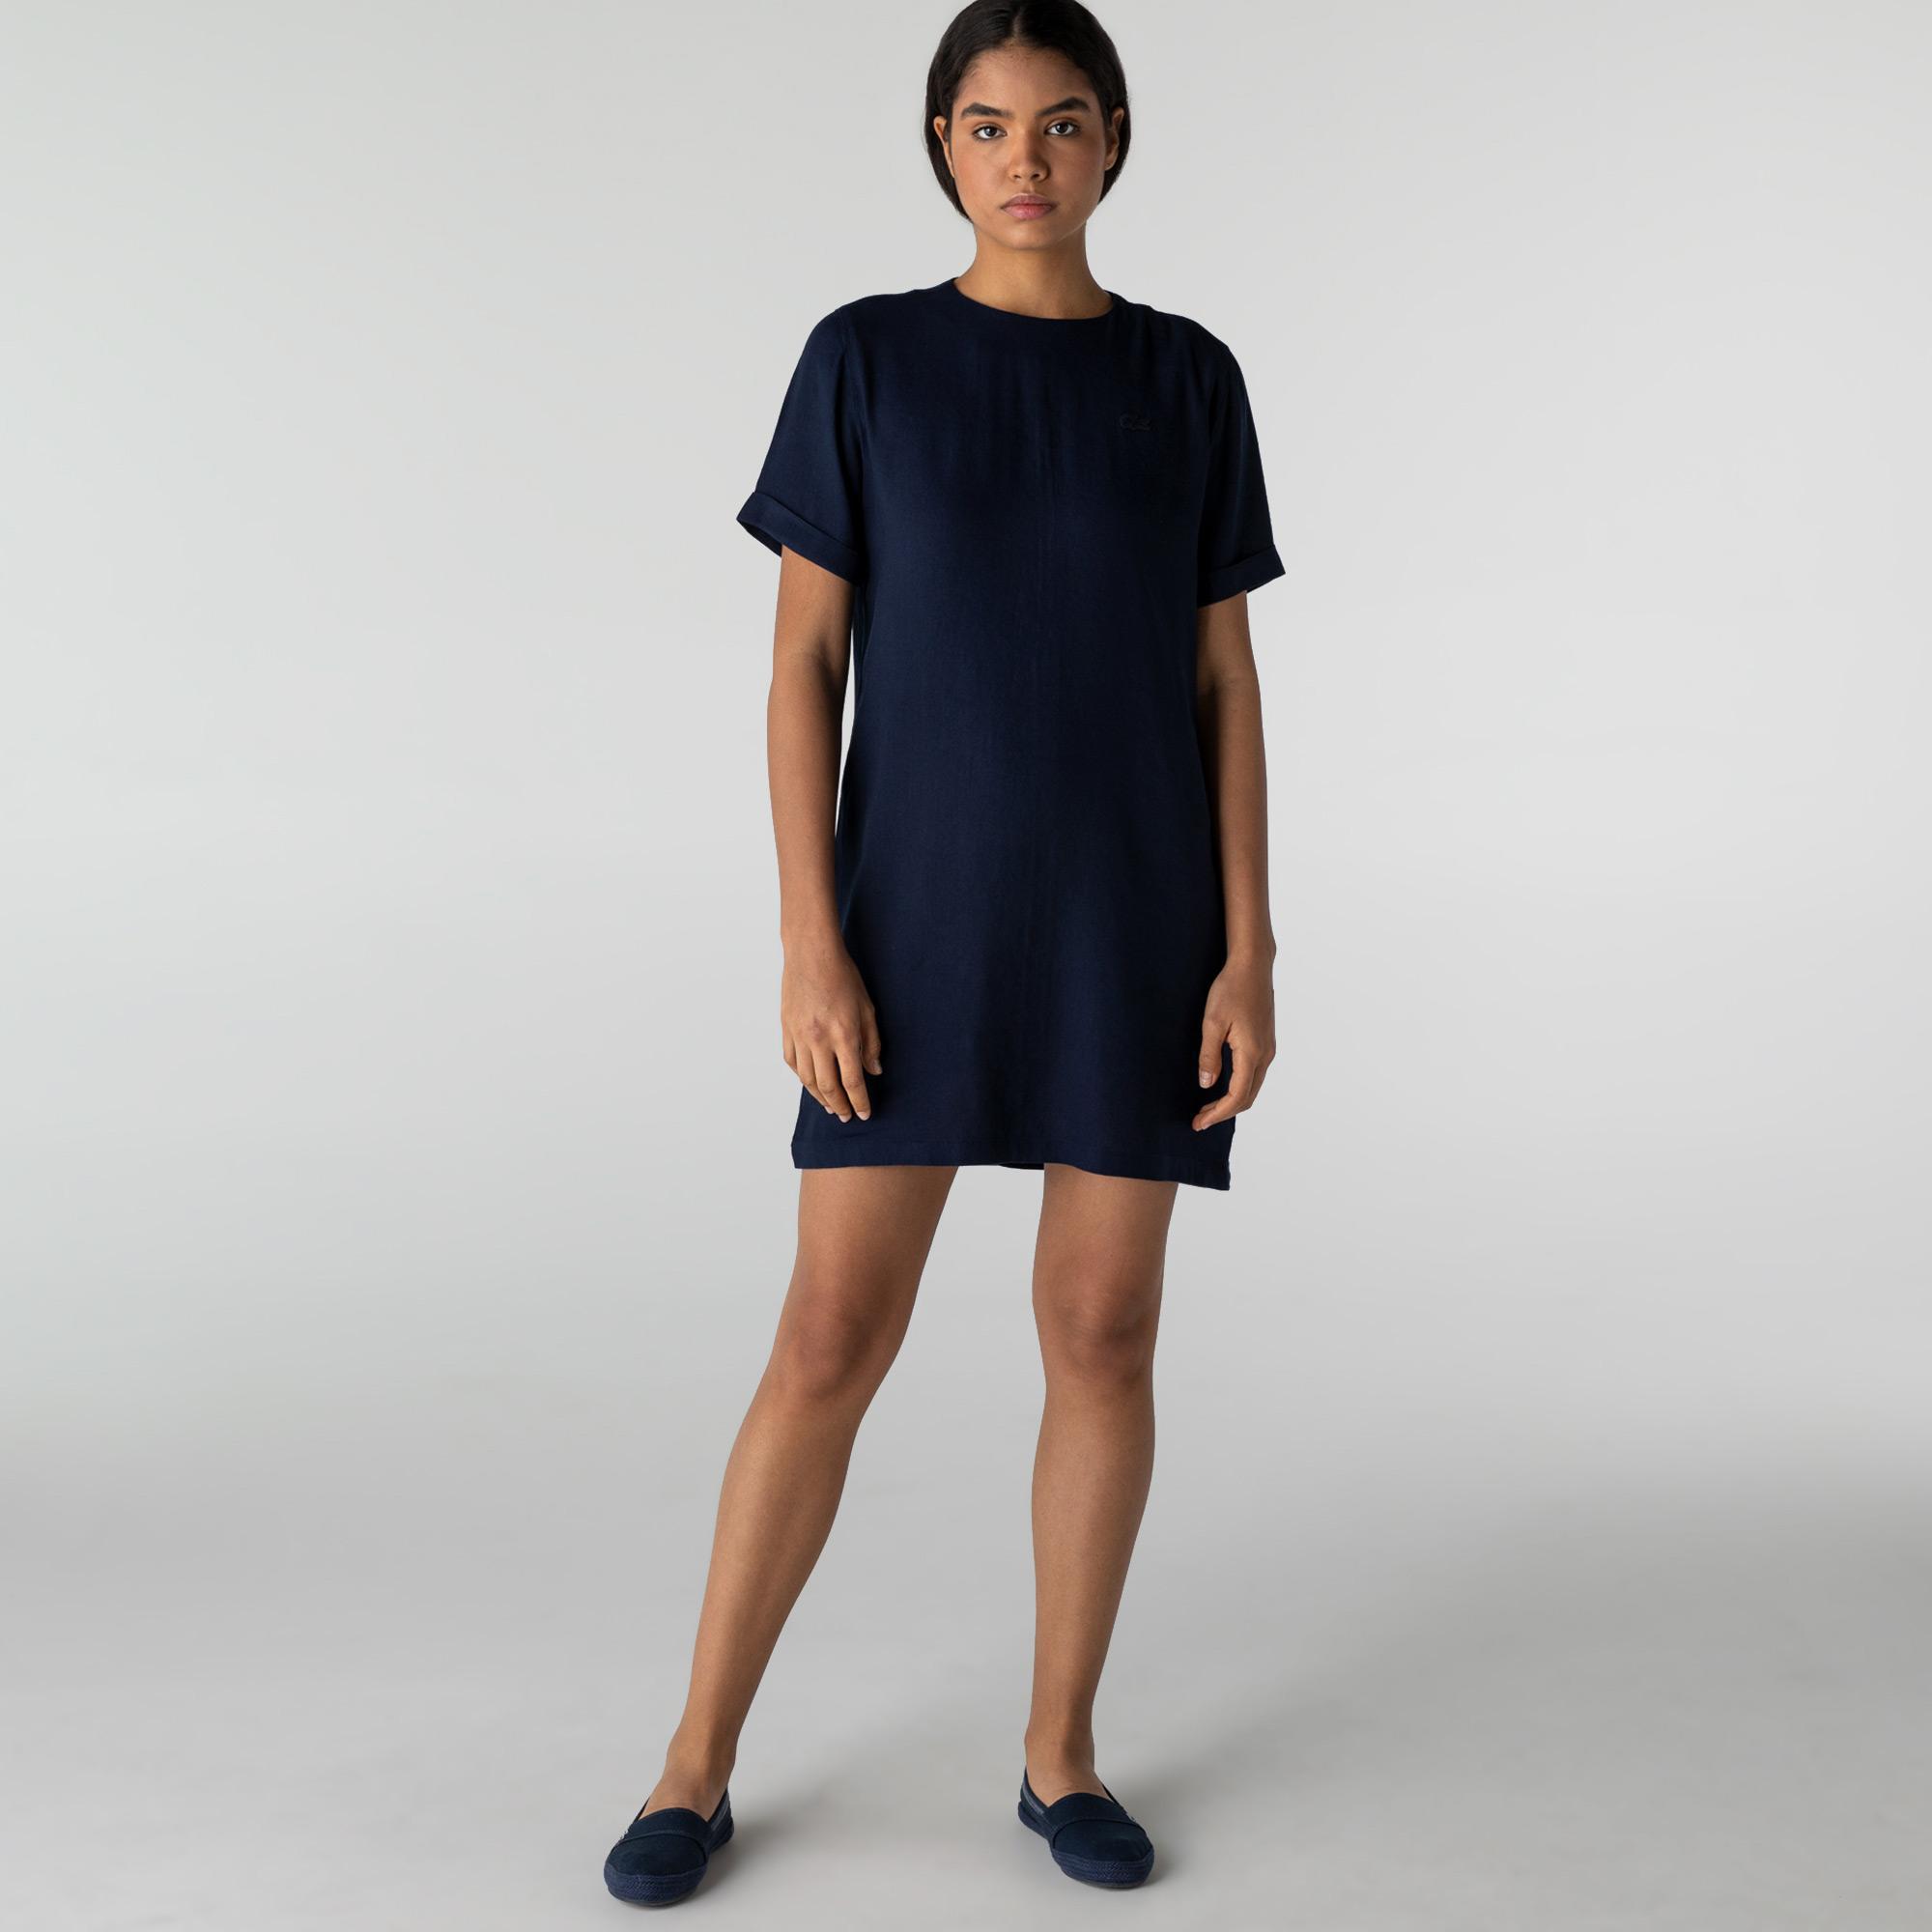 Lacoste Kadın Kısa Kollu Bisiklet Yaka Lacivert Elbise